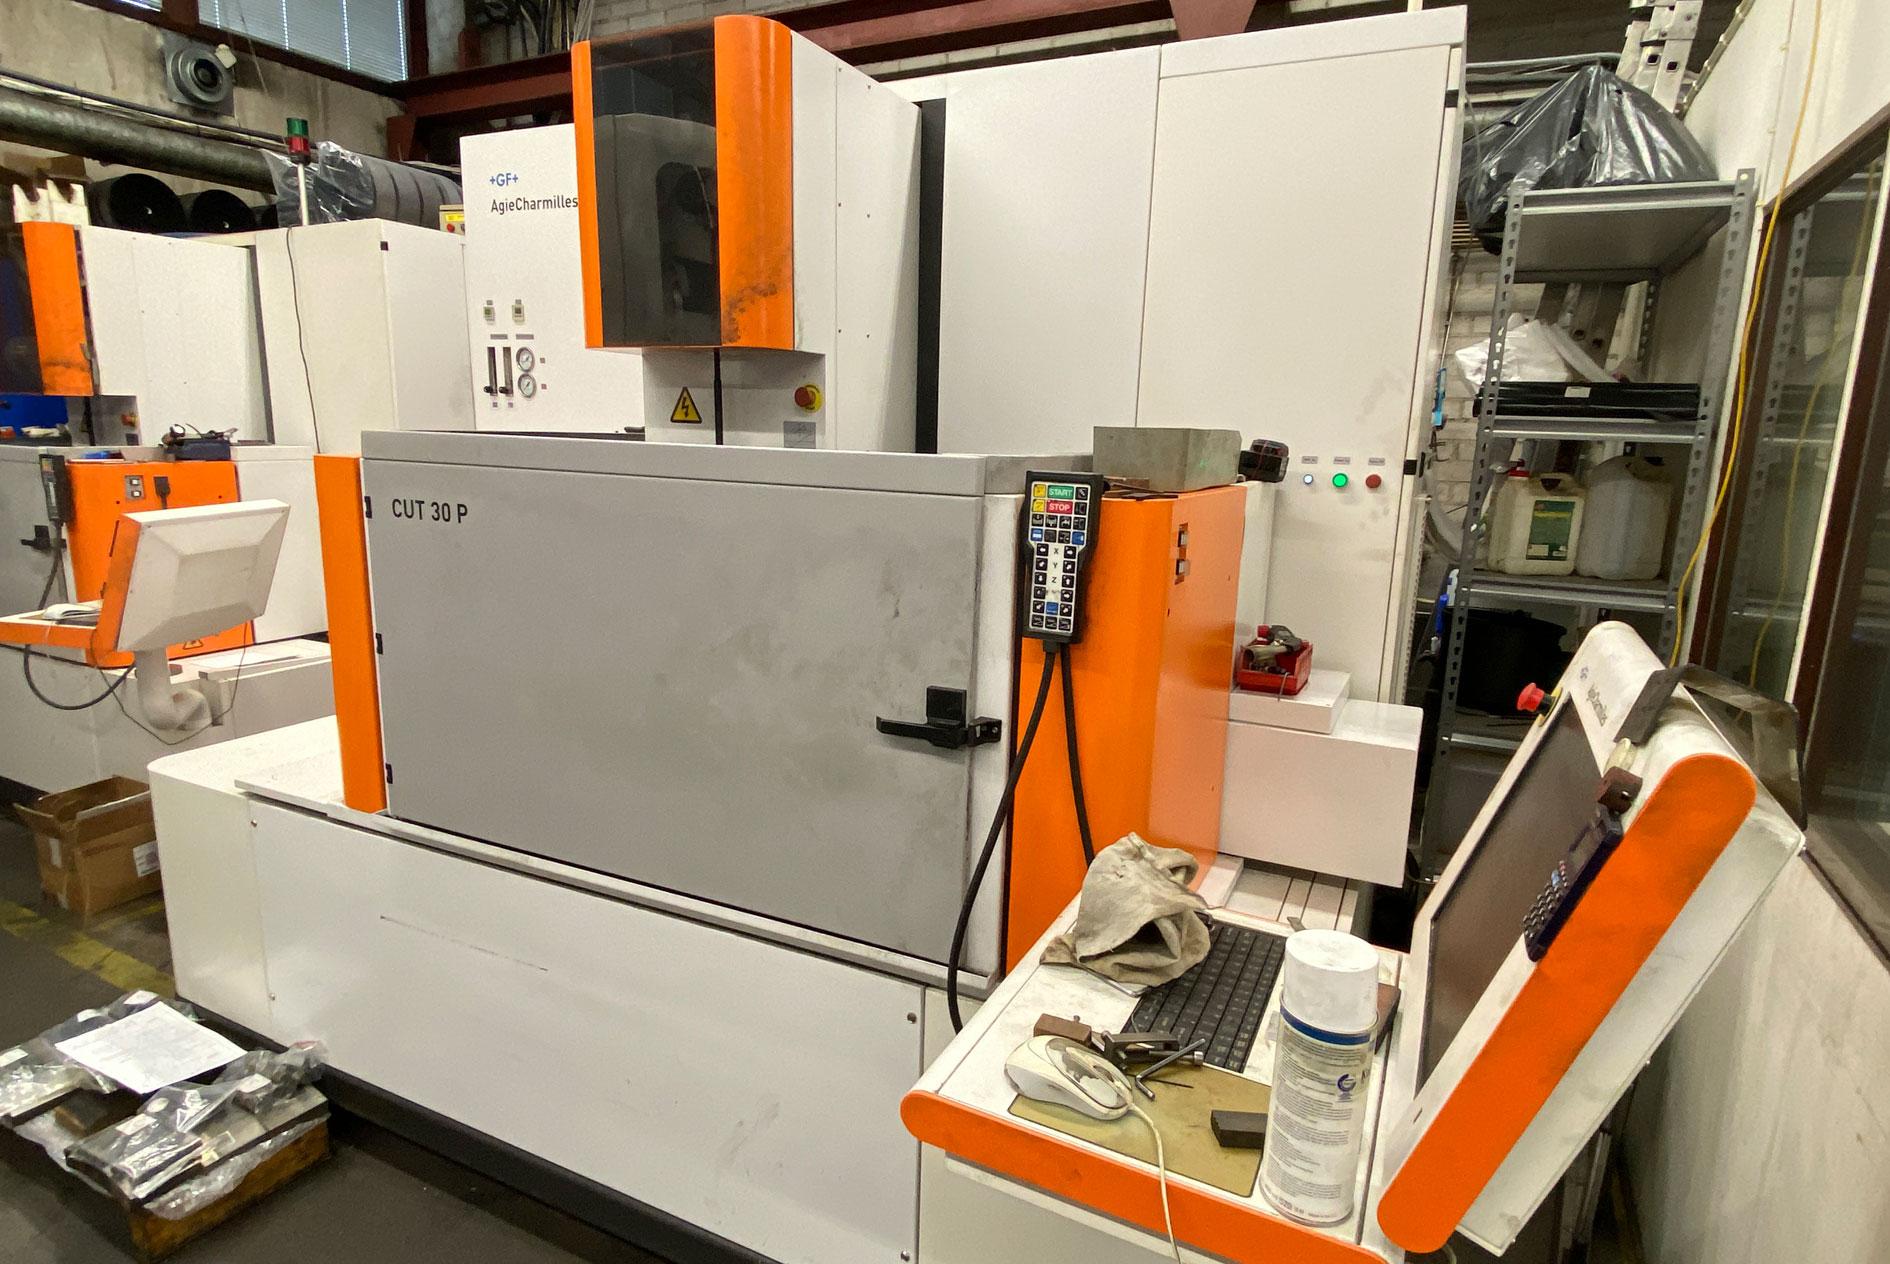 kkkoy-konetehdas-konekanta-laitekanta-konekortti-alihankinta-metalliteollisuus-2